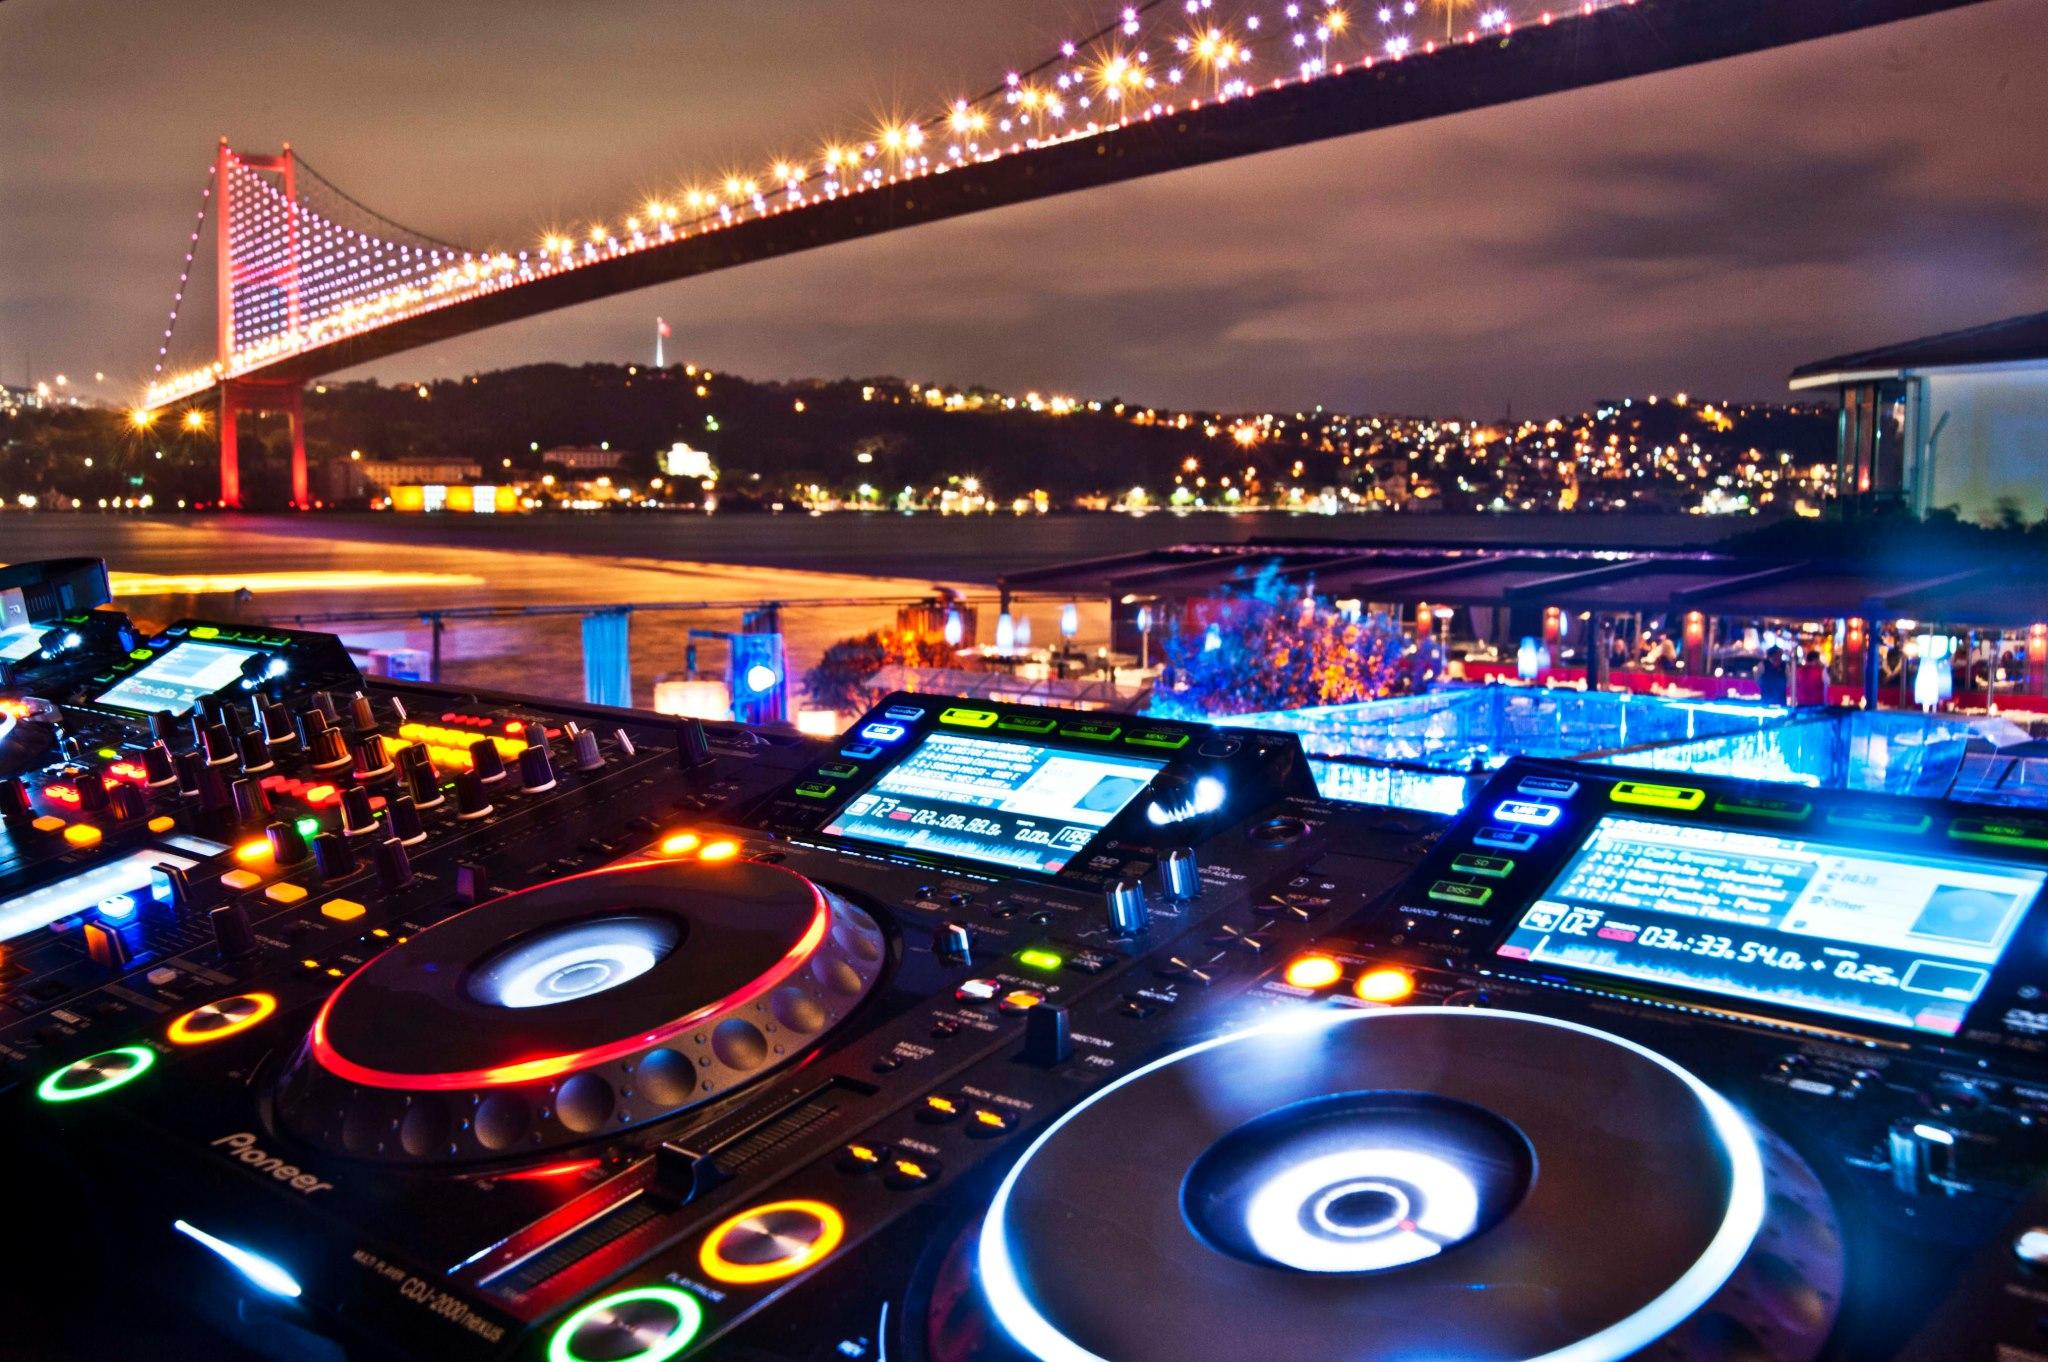 الحياة الليلية فى اسطنبول